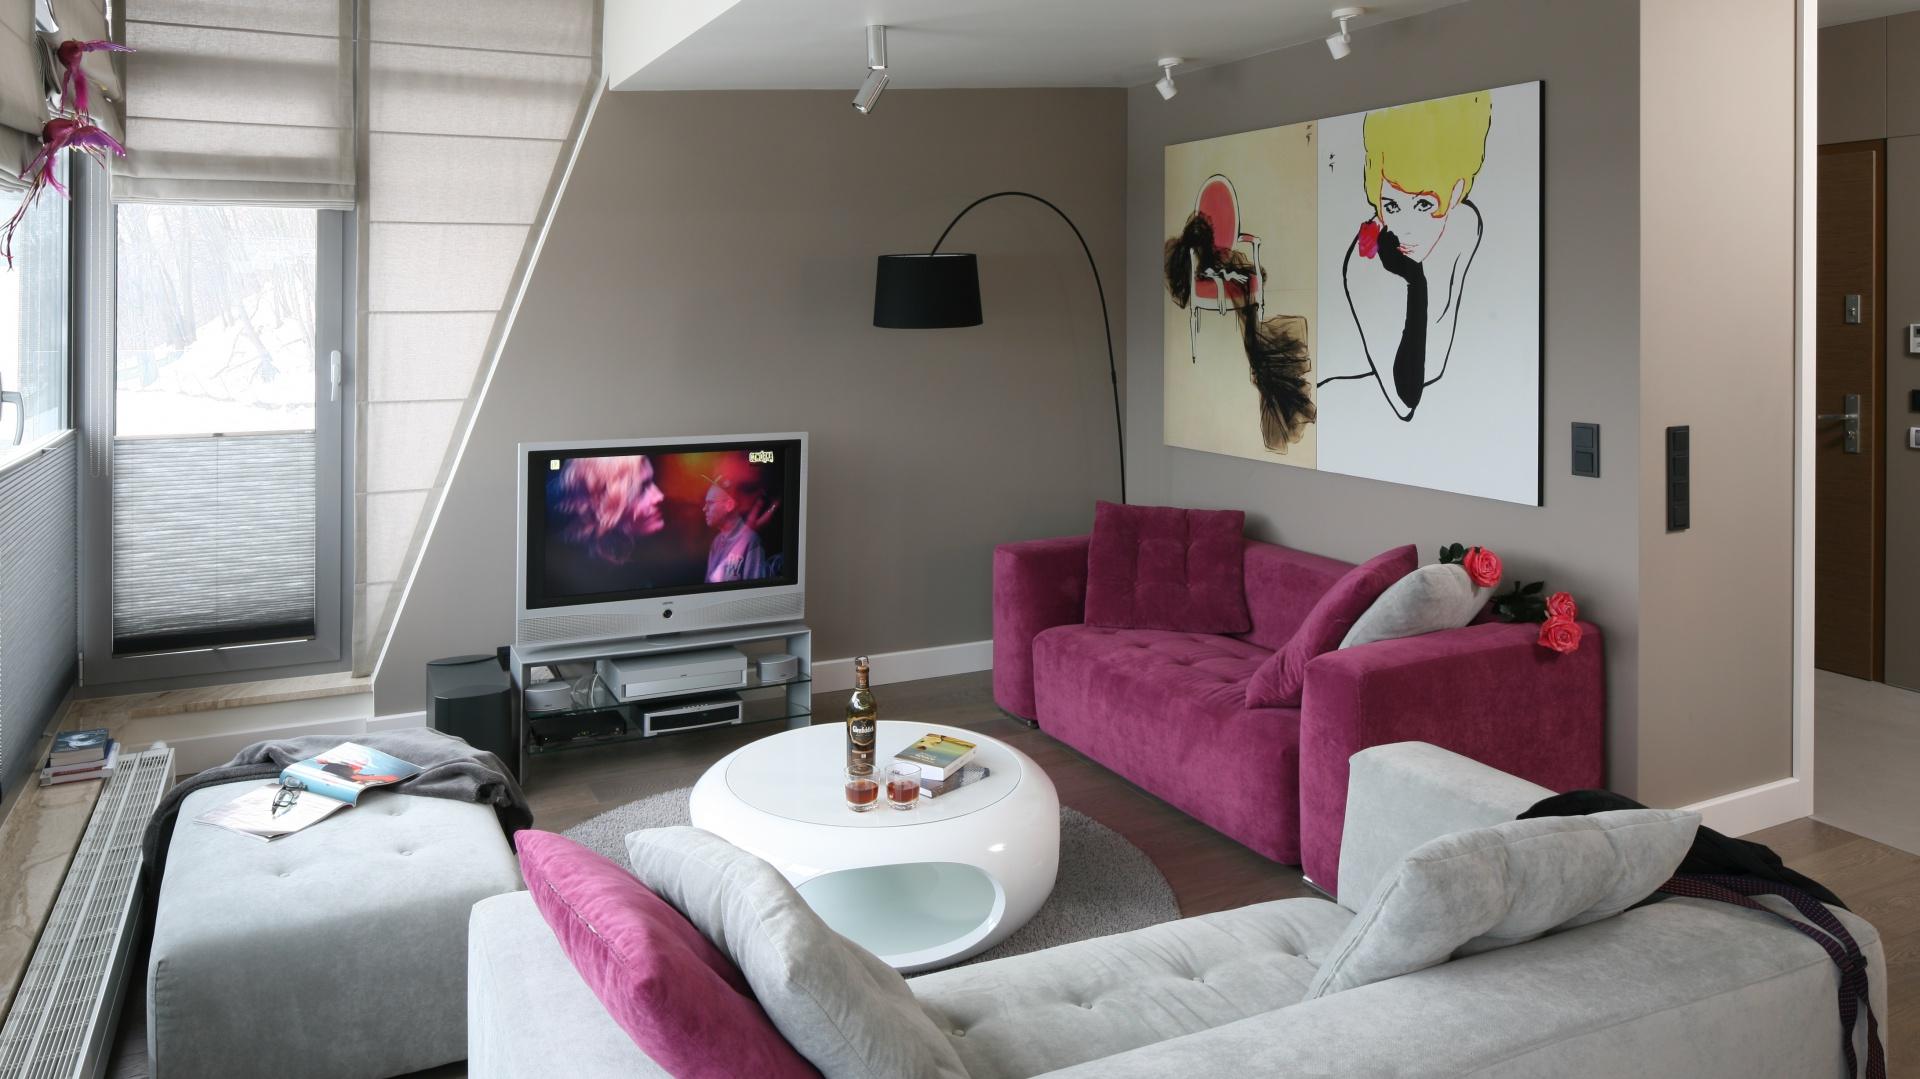 W eleganckim mieszkaniu strefa wypoczynkowa została zorganizowana w kształcie litery U. Dzięki temu siedząc na wygodnych kanapach można podziwiać tu widoki za oknem, ale i oglądać telewizor. Projekt: Małgorzata Borzyszkowska. Fot. Bartosz Jarosz.